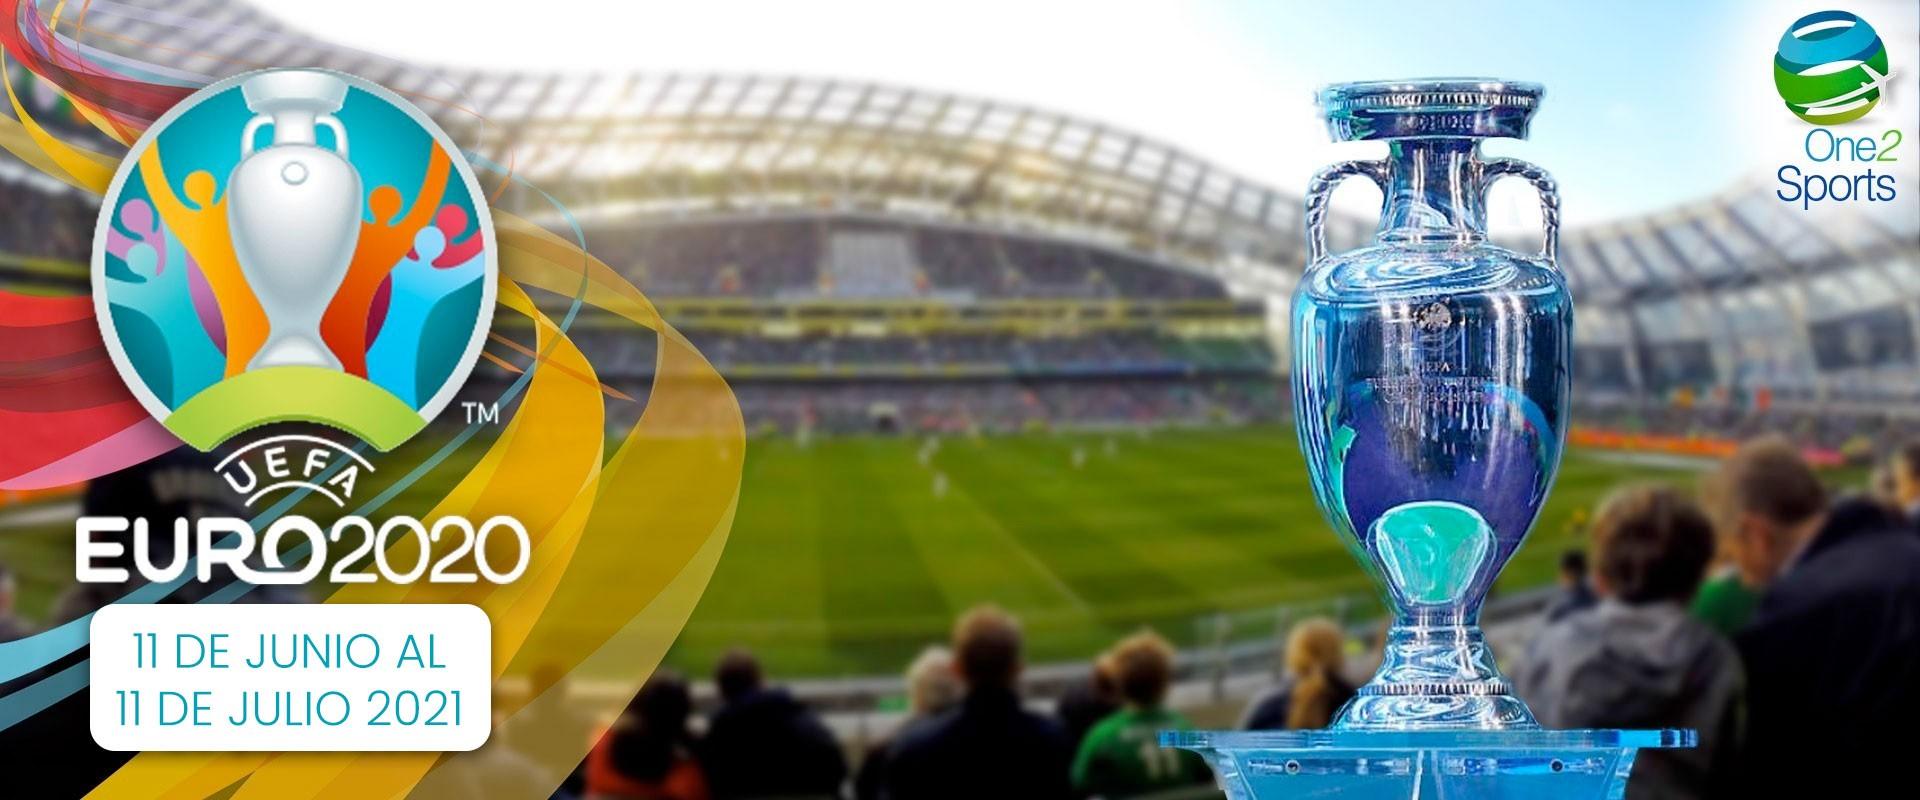 Eurocopa en Bucarest